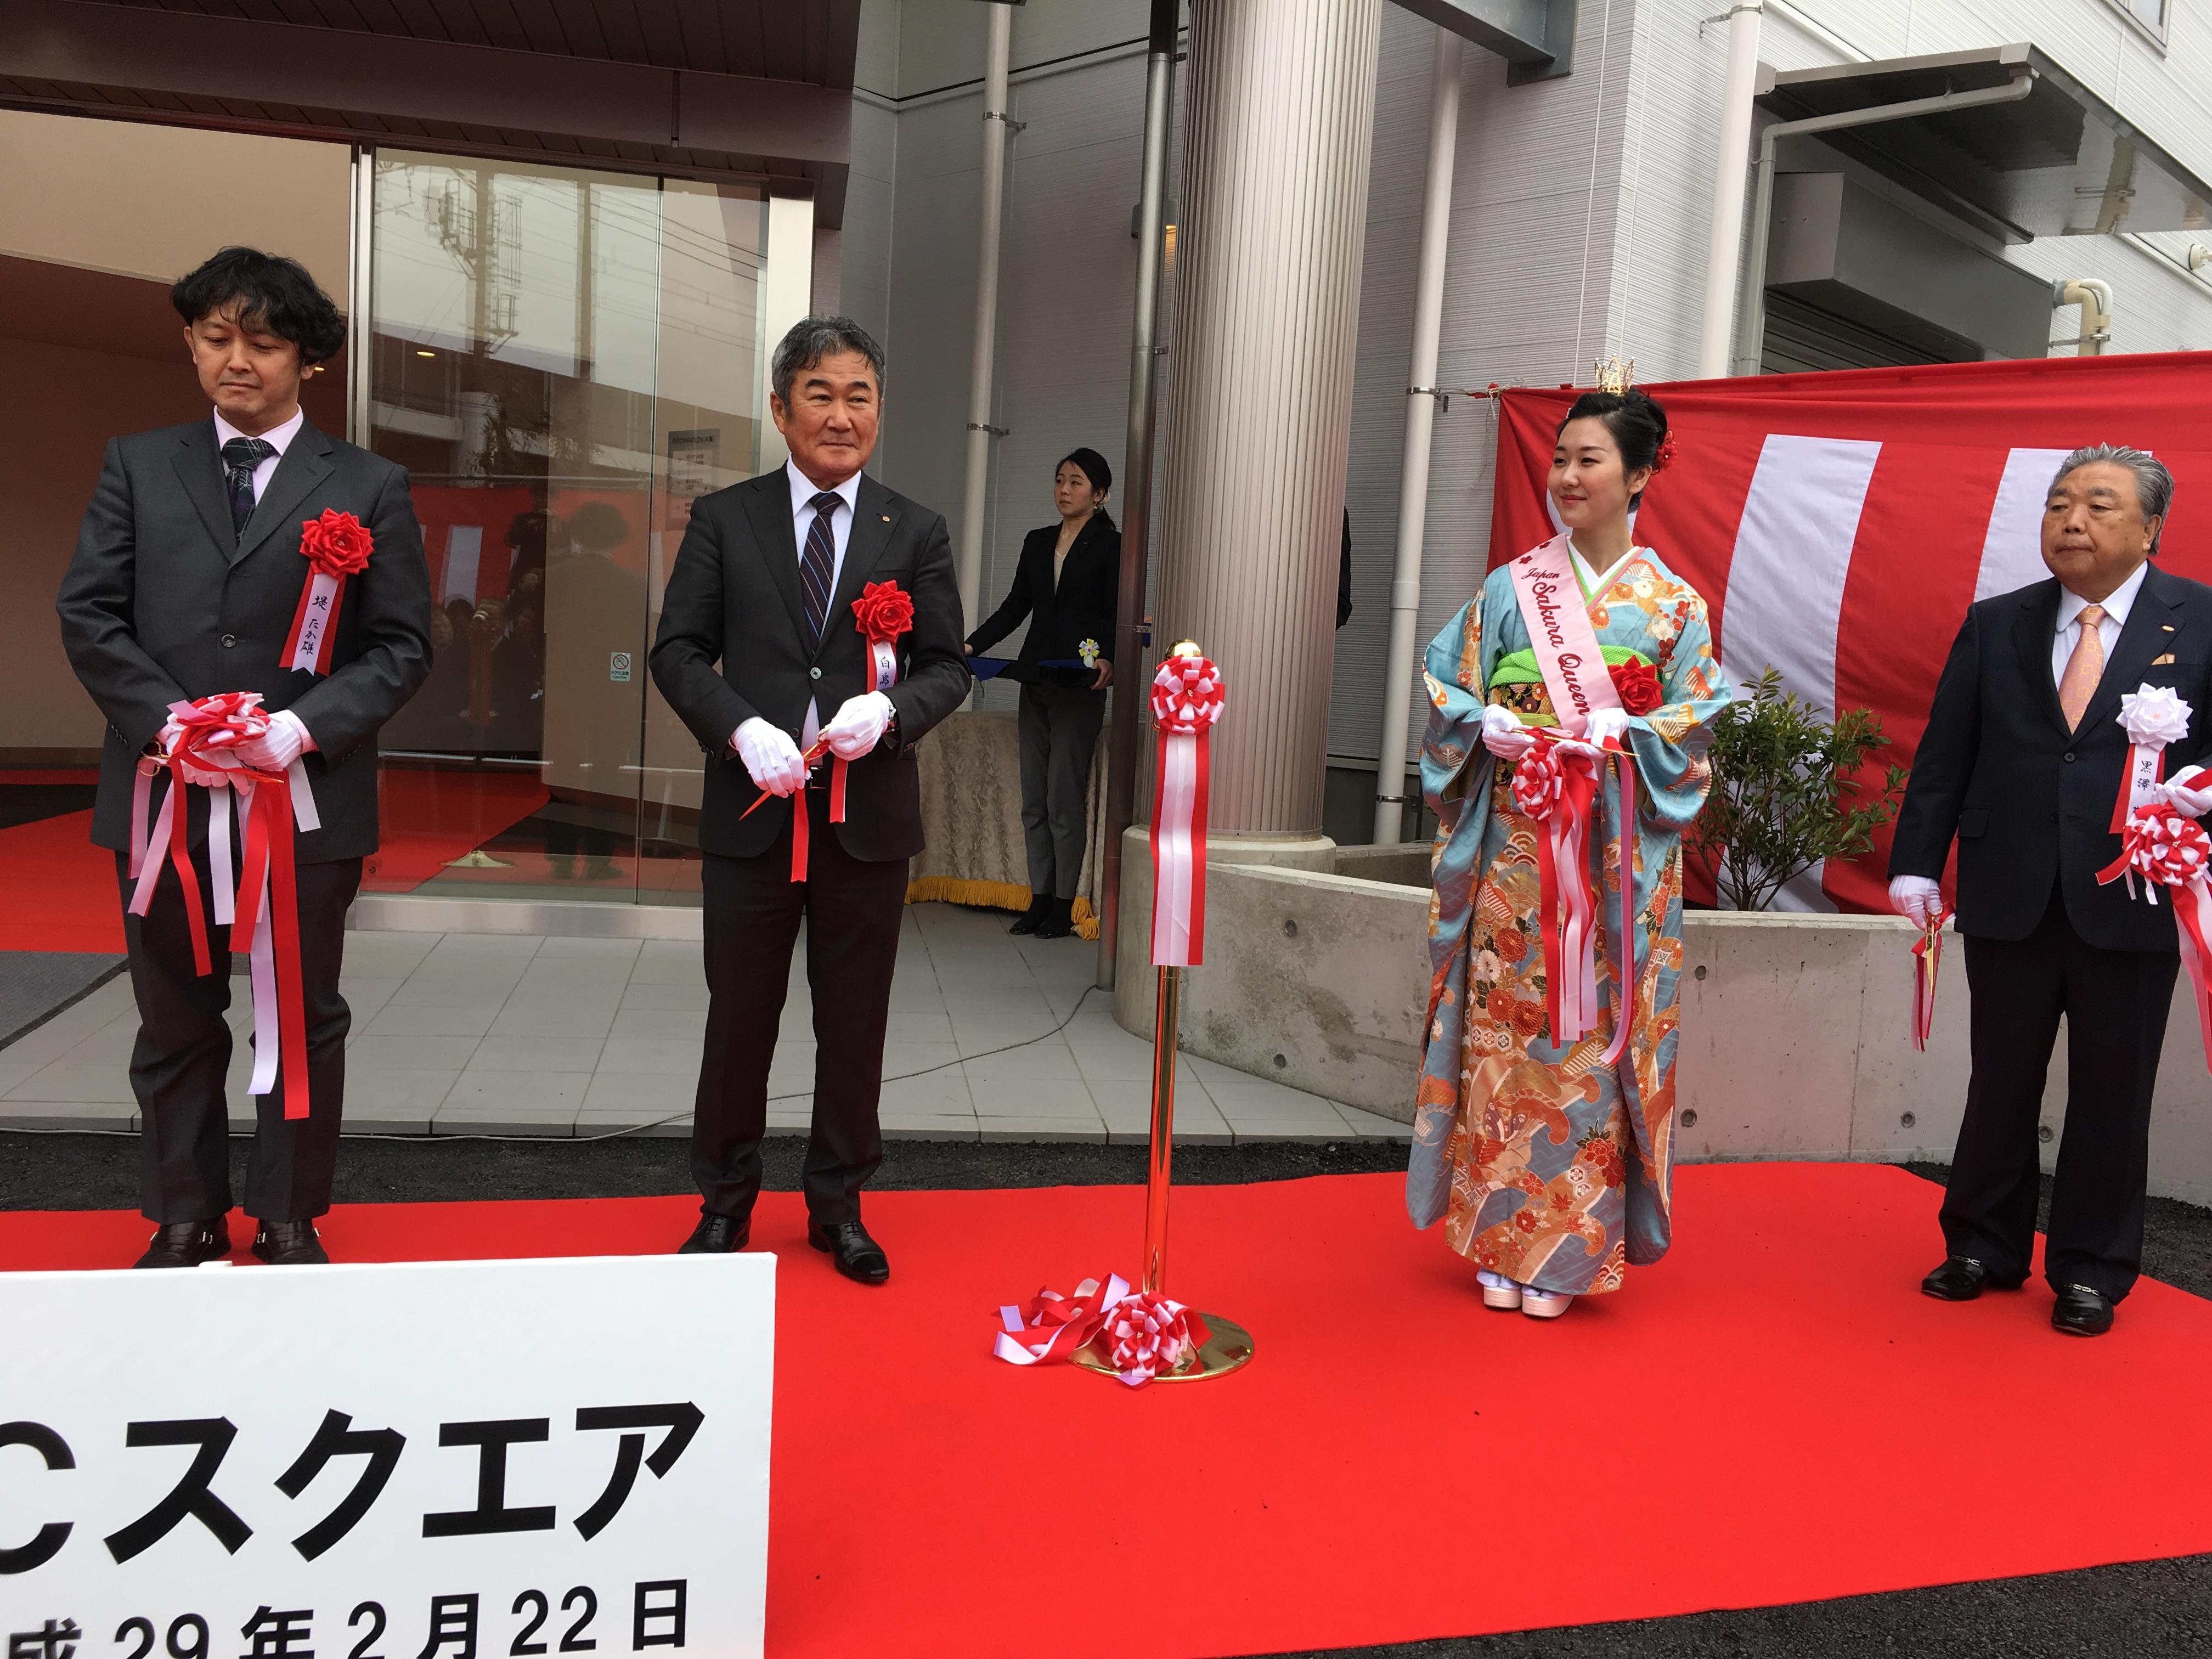 さくらの女王ブログ|日本さくらの女王|日本さくらの会